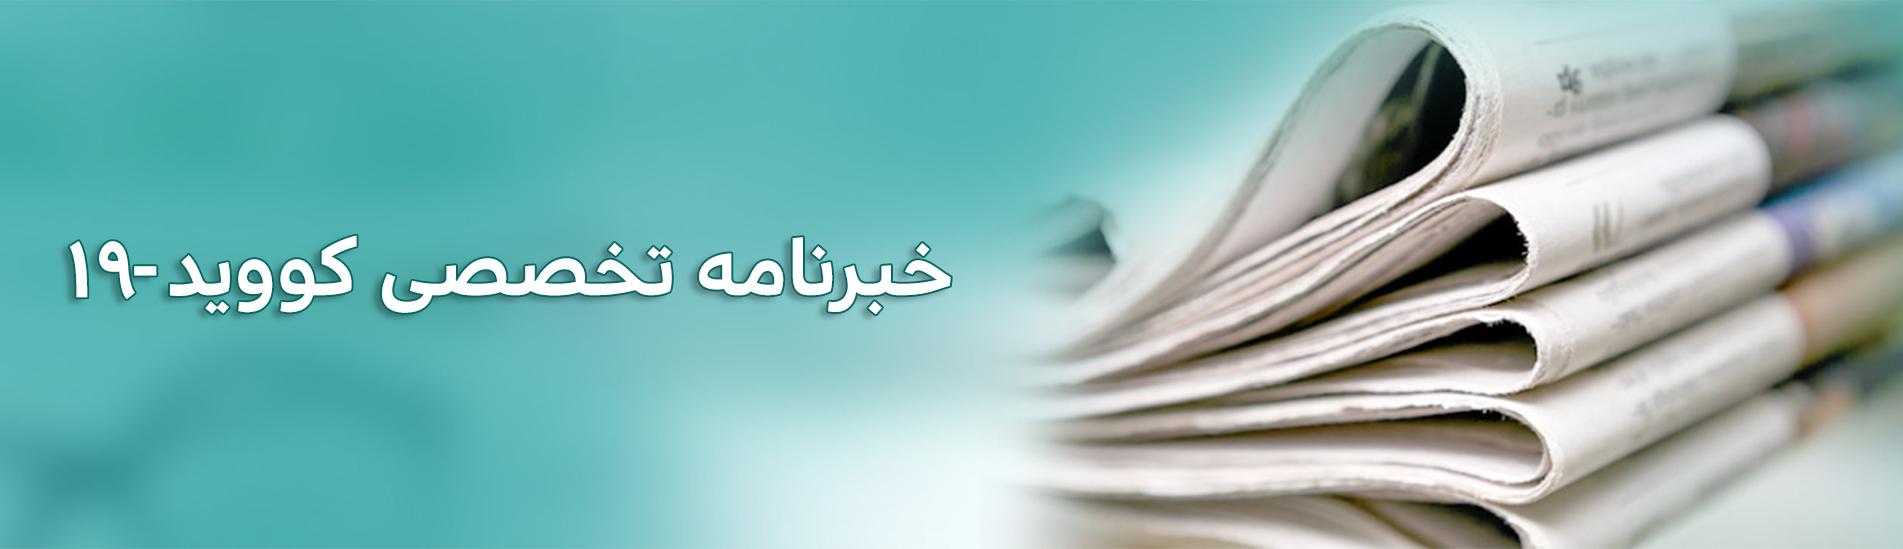 blog fa